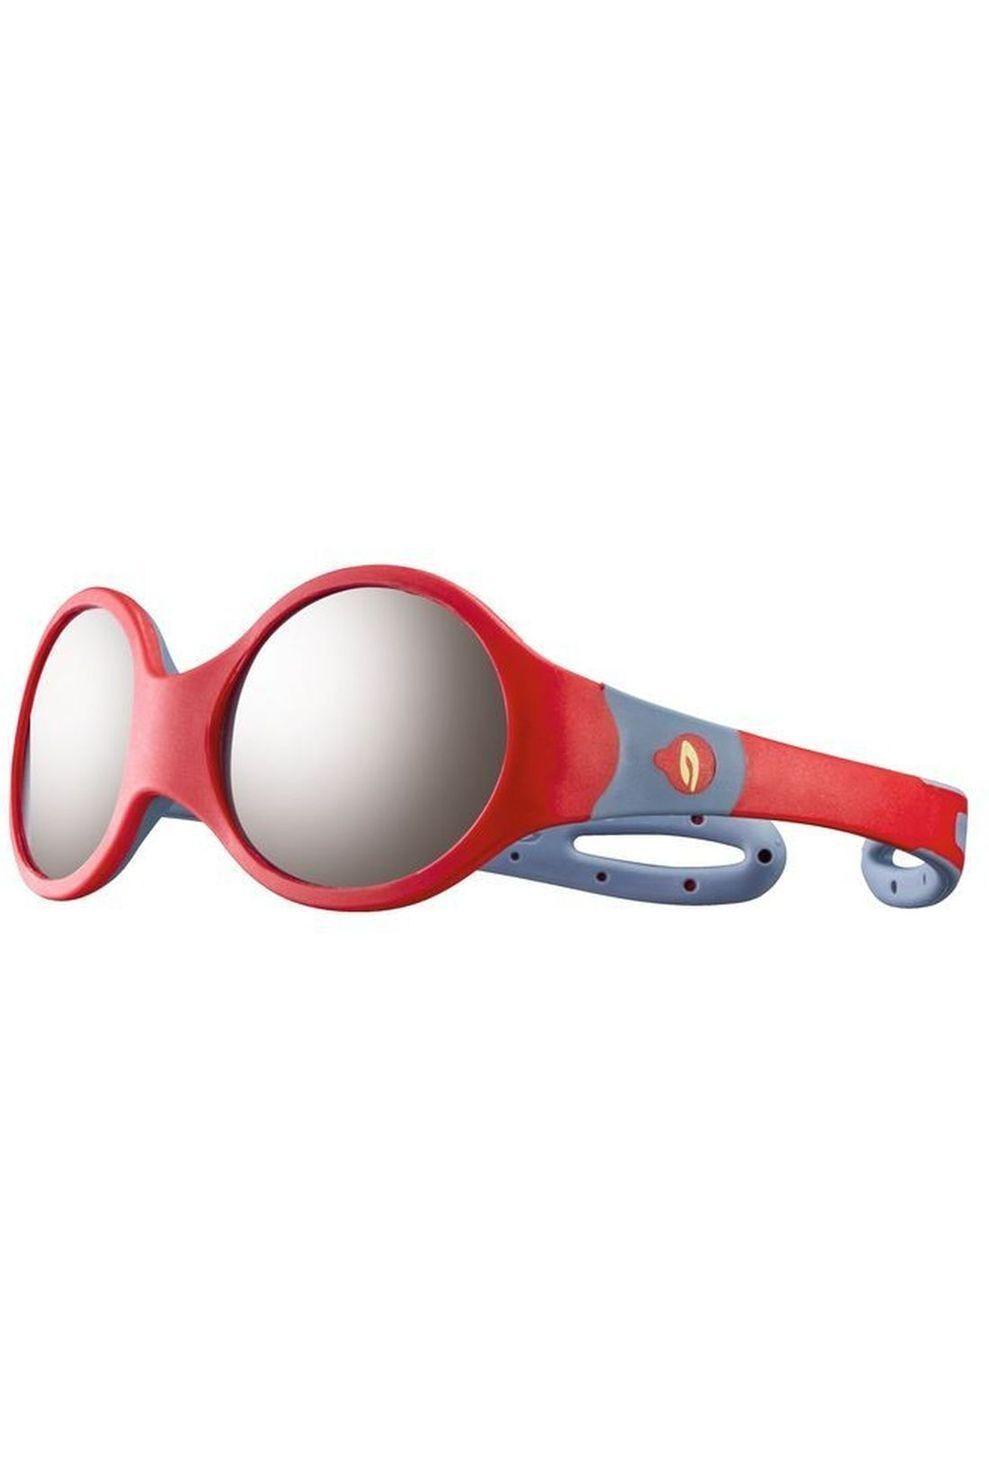 Julbo Bril Loop M voor kids - Rood/Grijs